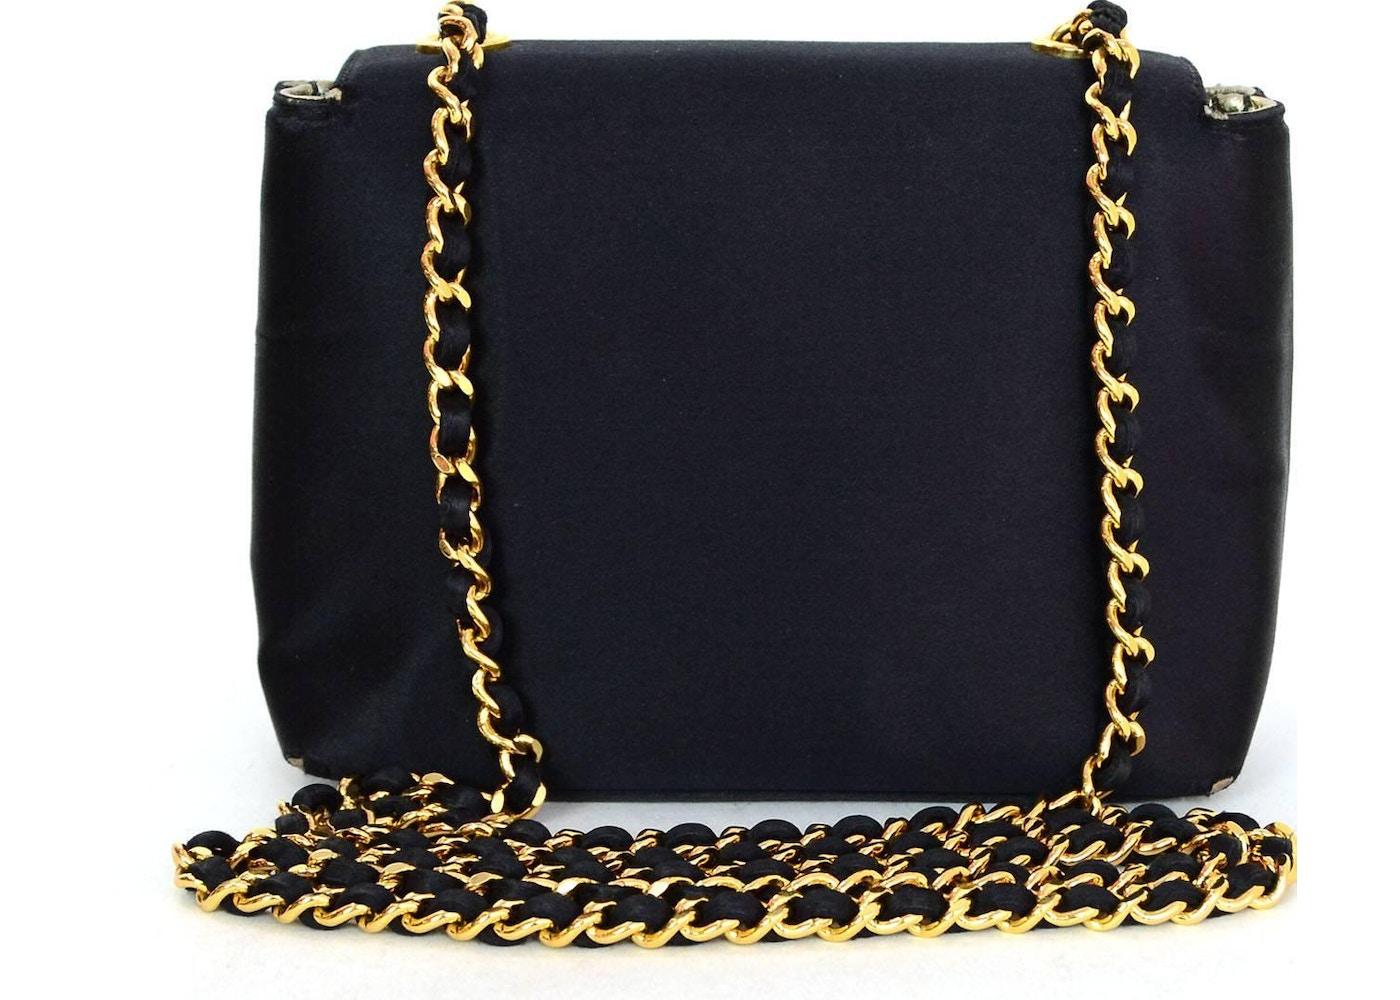 e32be60c5d94 Chanel Vintage Camellia Flap Bag Satin Mini Black